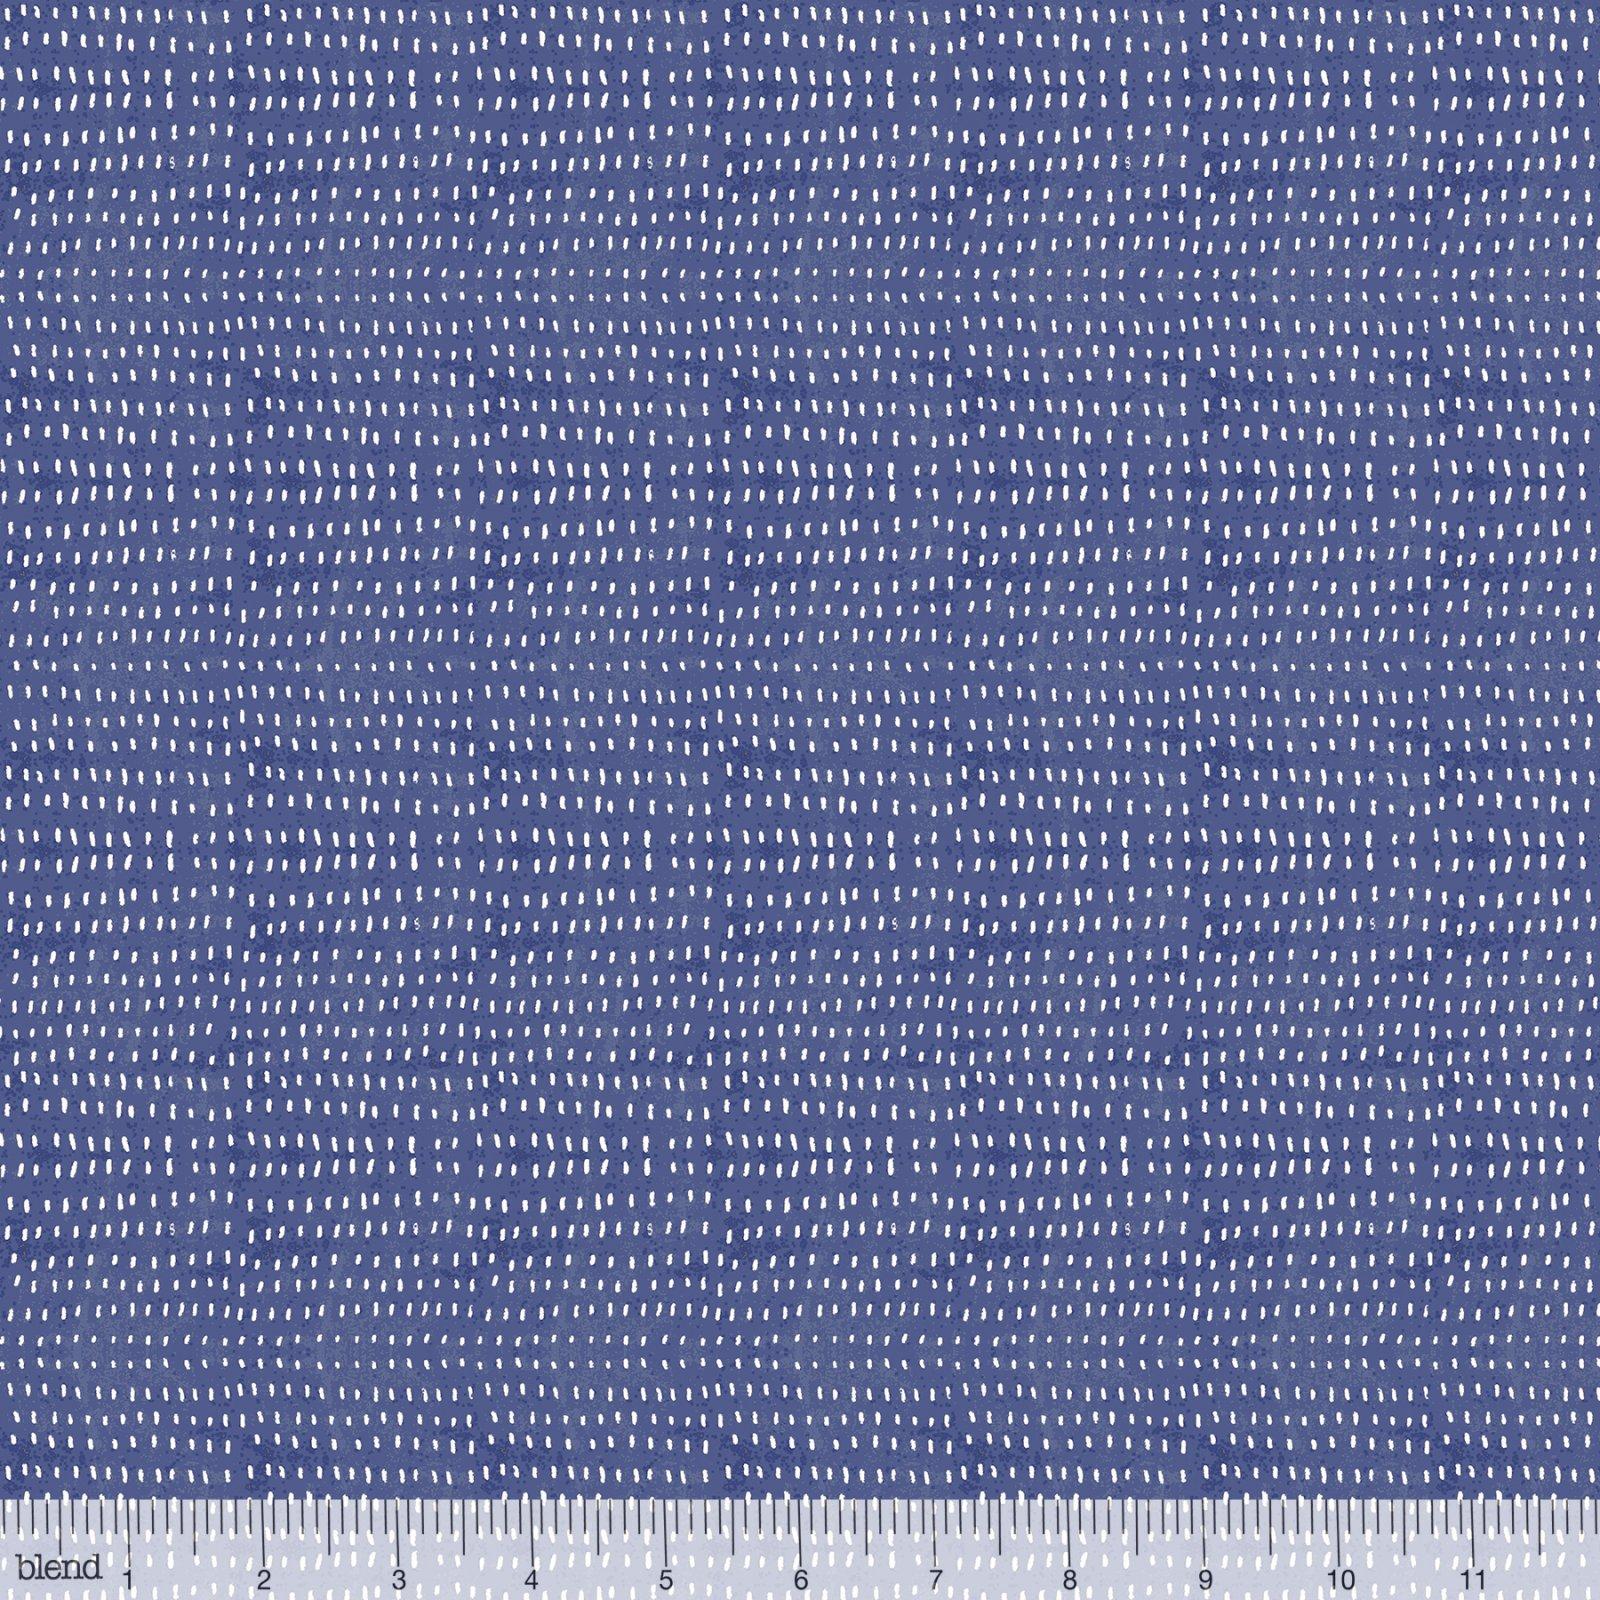 112.114.12 Cobalt Seeds Cori Dantini Blend Fabrics